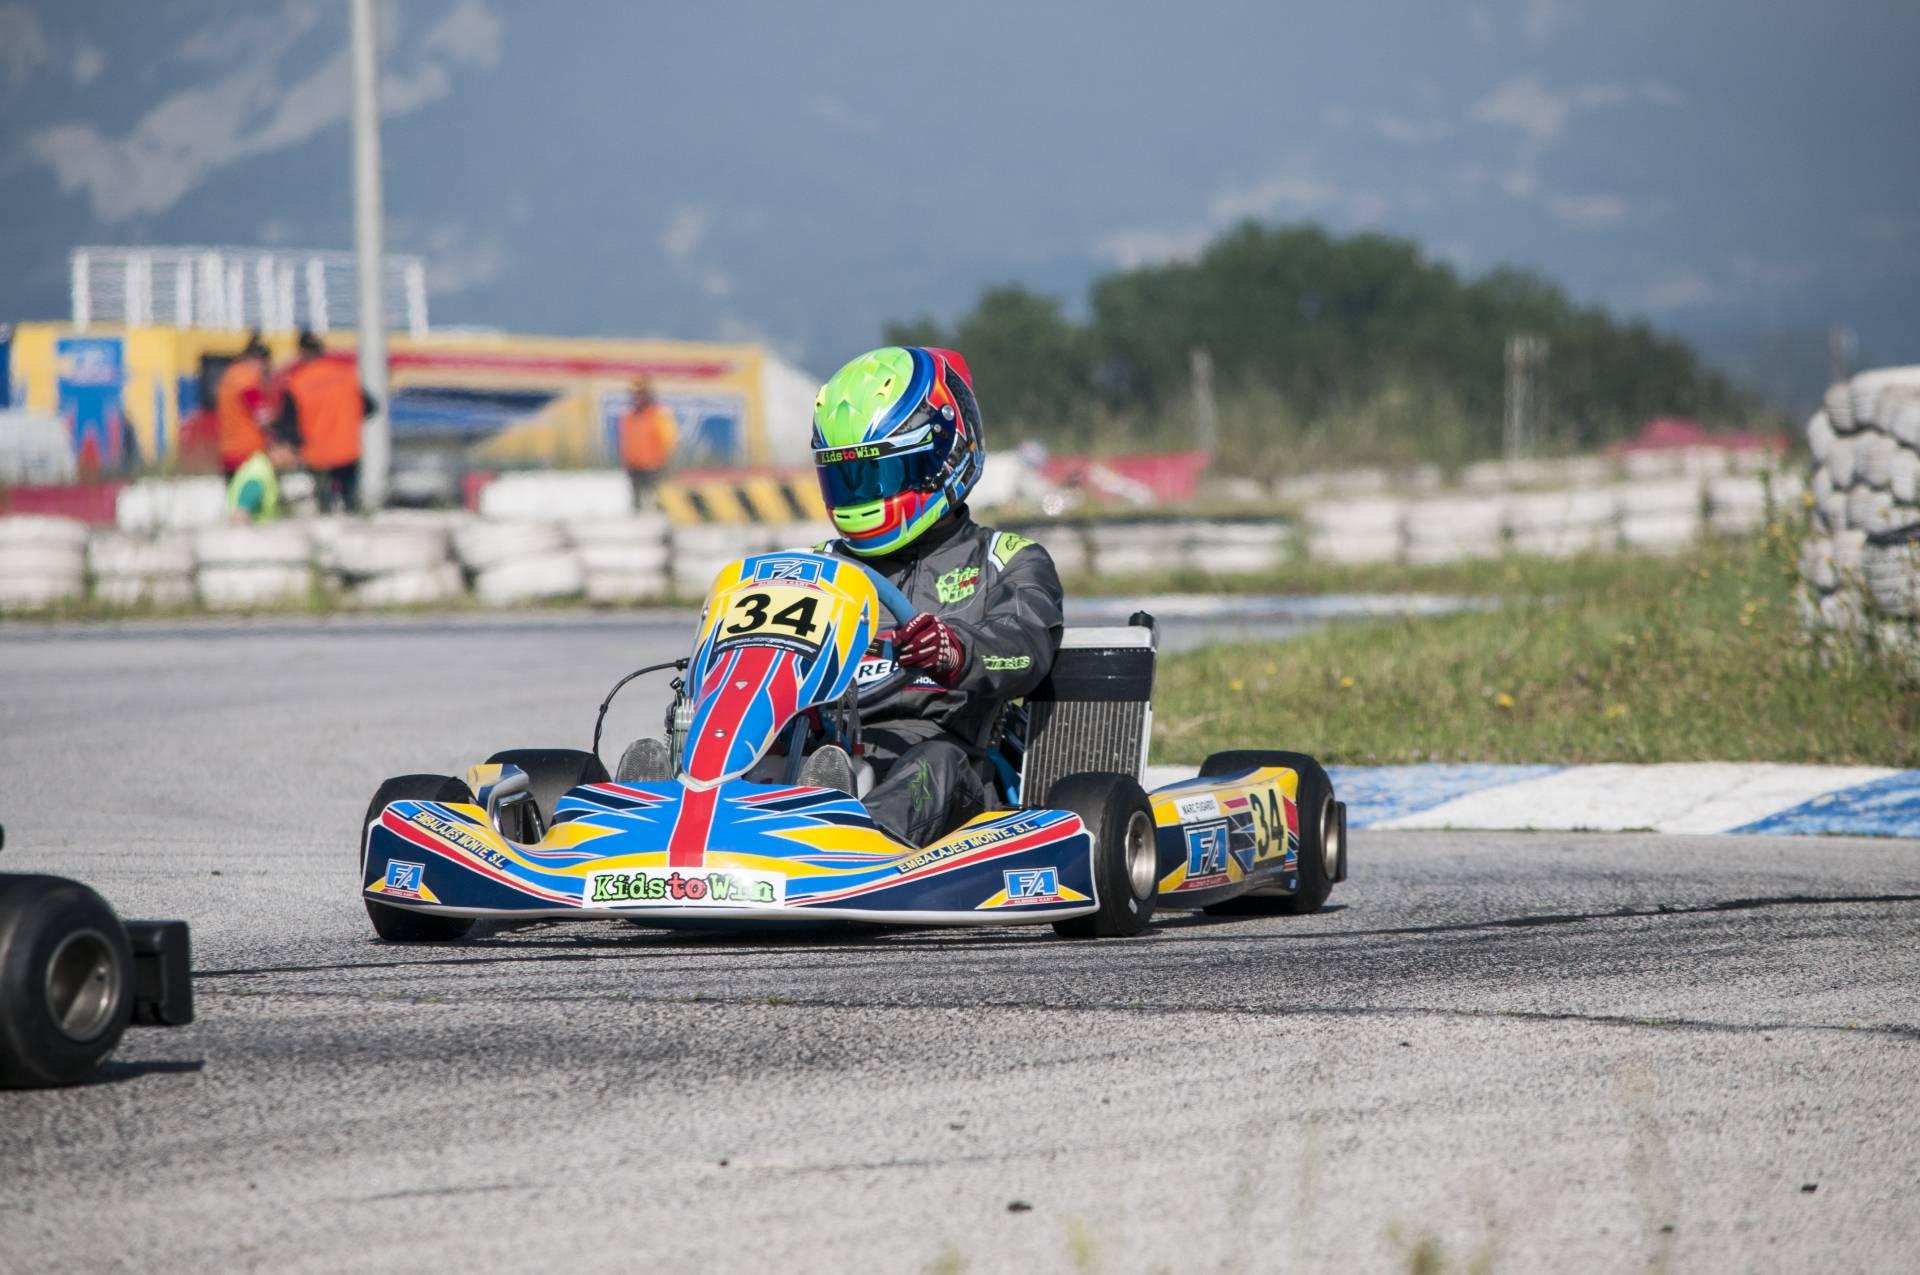 Segona cita del Campionat de Catalunya de kàrting al circuit d'Osona